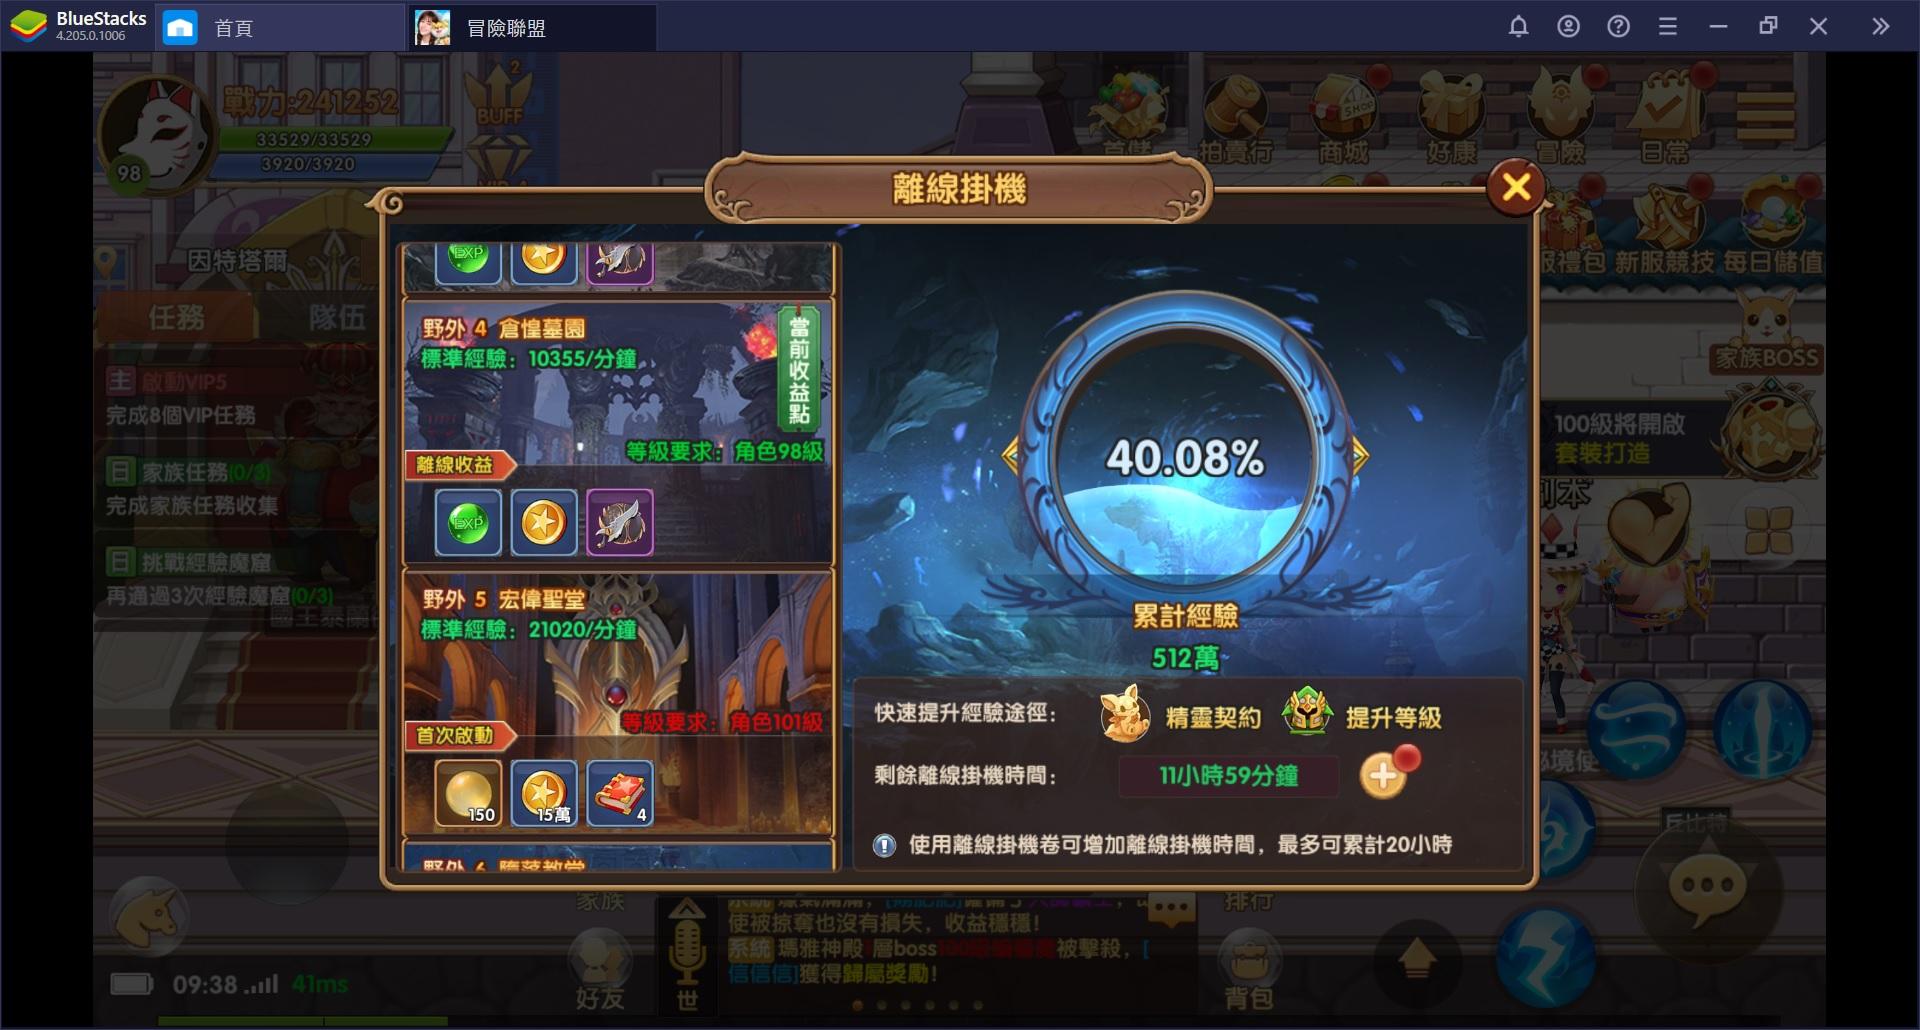 使用BlueStacks在PC上遊玩橫向異世界冒險遊戲《冒險聯盟》